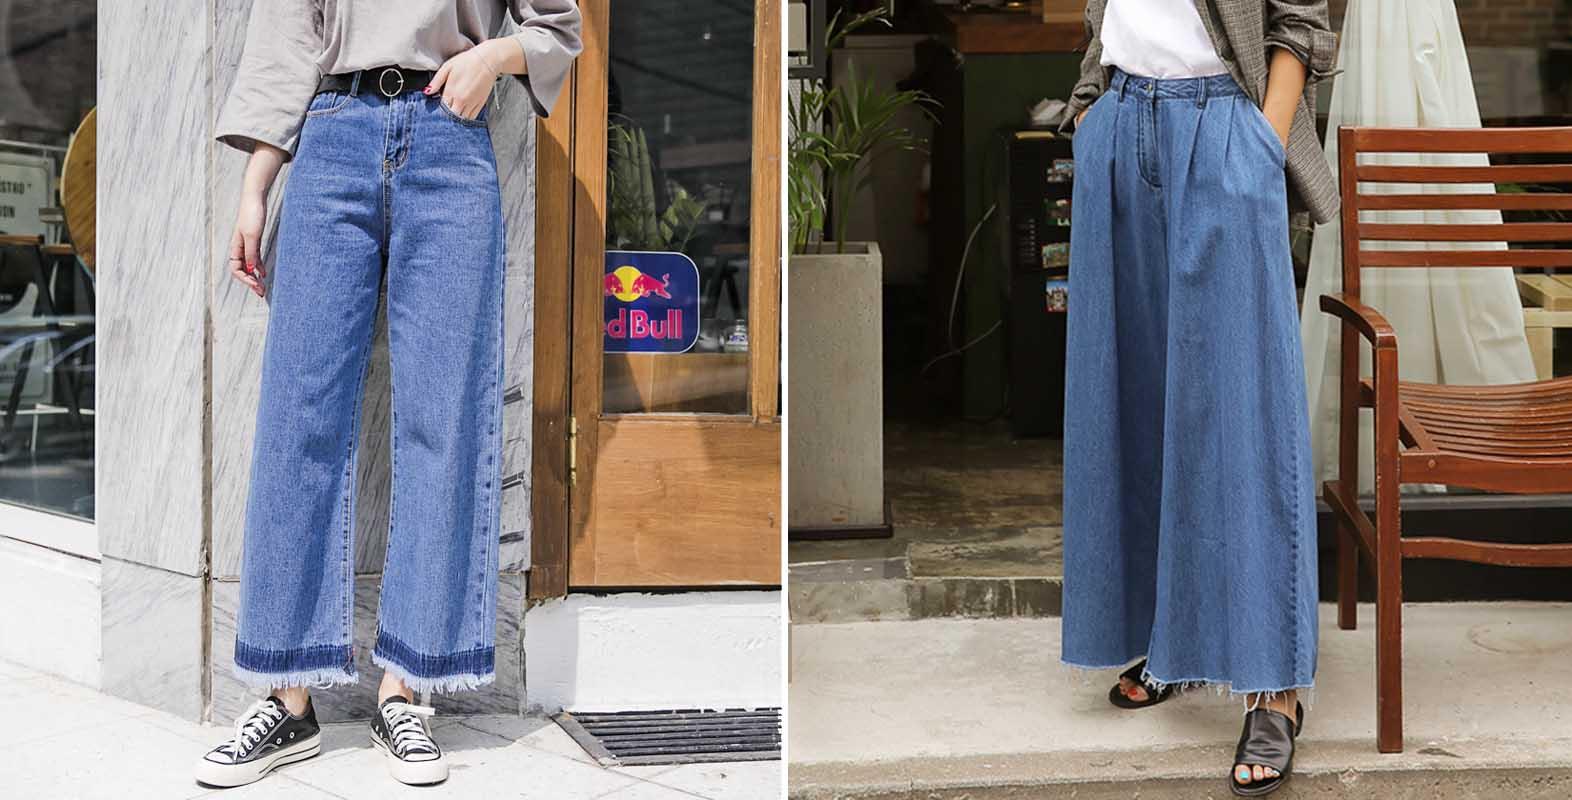 Kiểu thiết kế  của quần jeans ống rộng thưởng chỉ hợp với phái nữ.